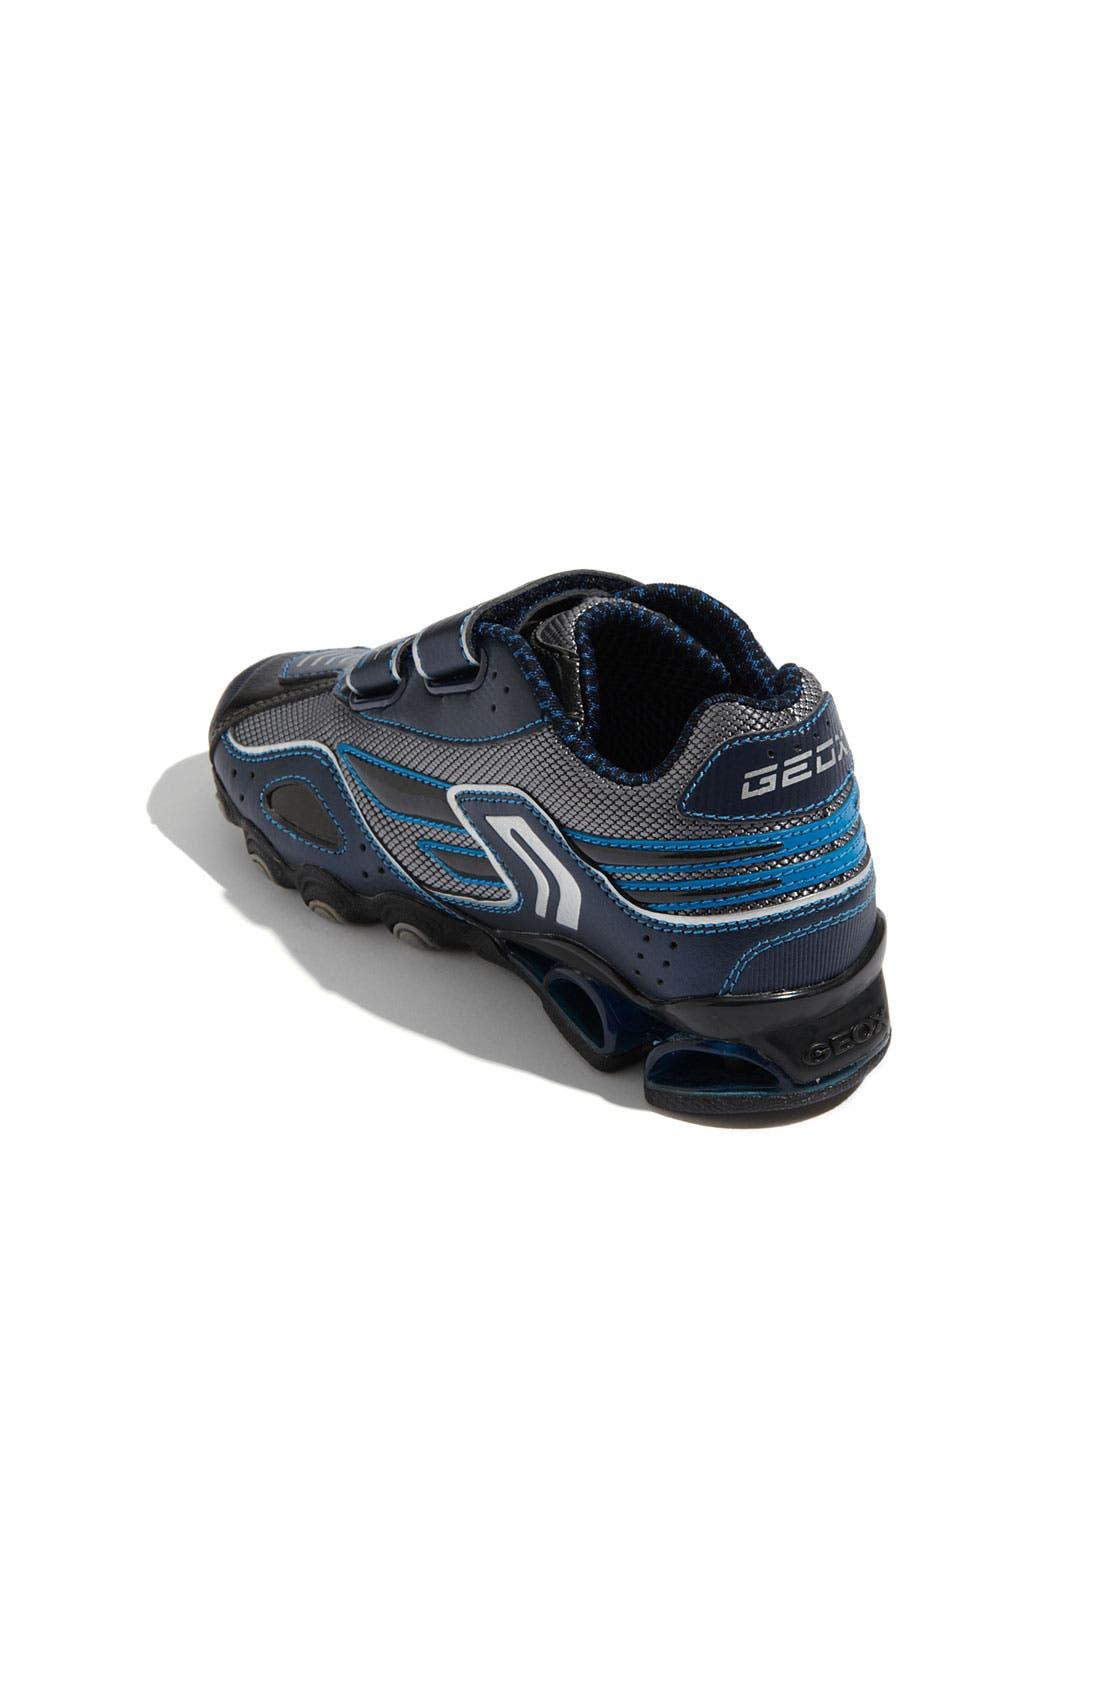 Alternate Image 2  - Geox 'Tornado 10' Sneaker (Toddler, Little Kid & Big Kid)